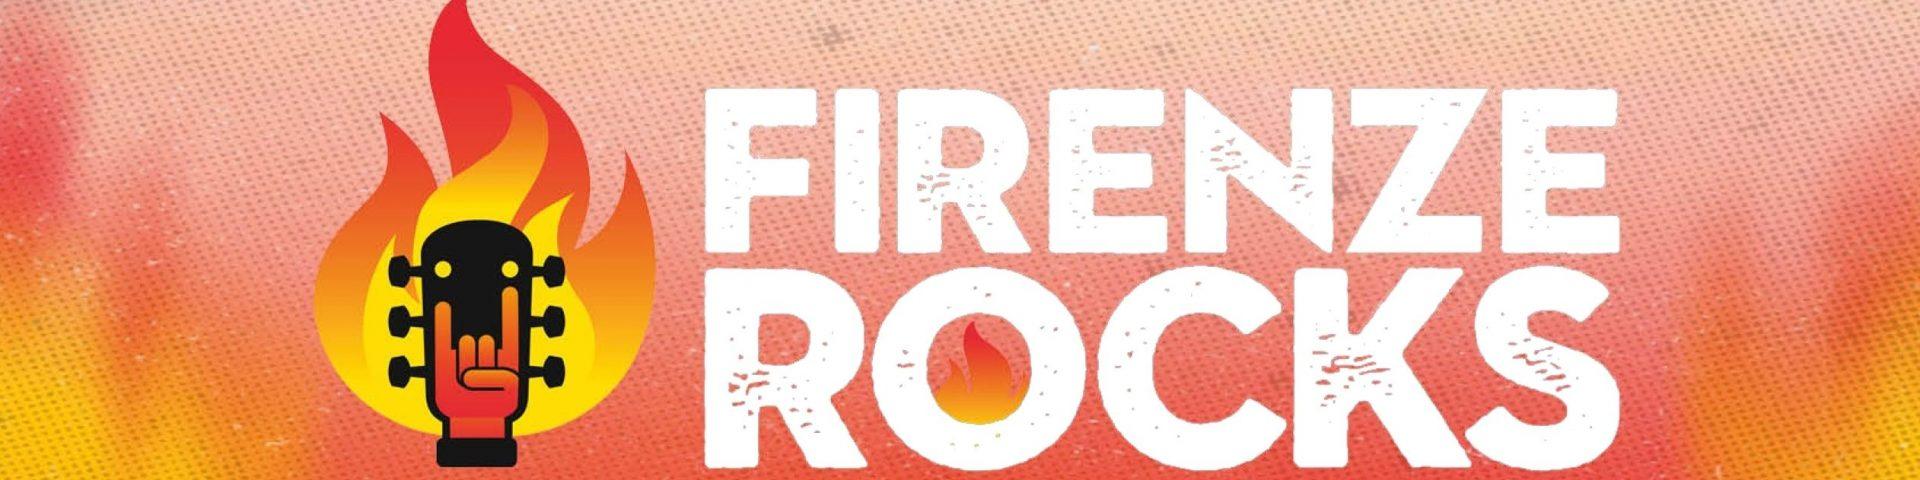 Firenze Rocks 2020 Yungblud, Amyl e The Sniffers e Saint Phnx: come acquistare i biglietti